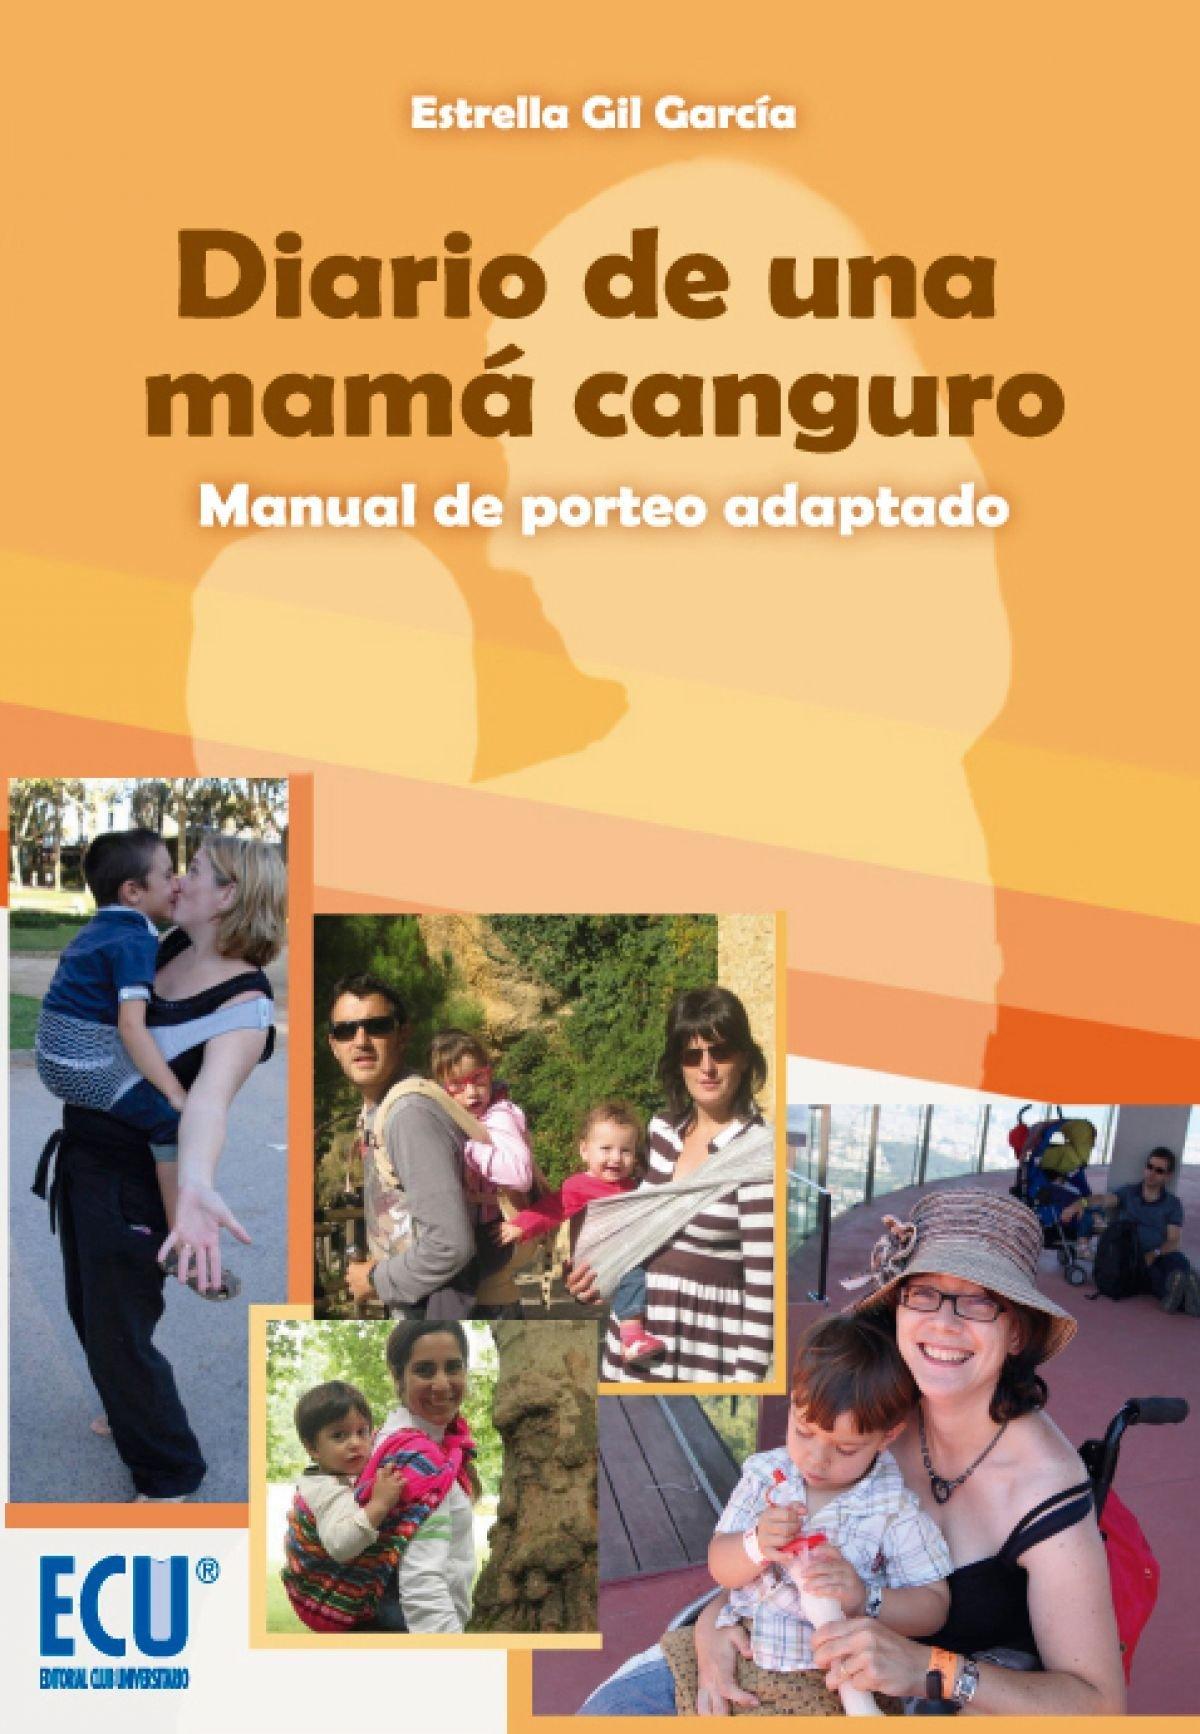 Diario de una mamá canguro: Manual del porteo adaptado ECU: Amazon.es: Estrella Gil García: Libros